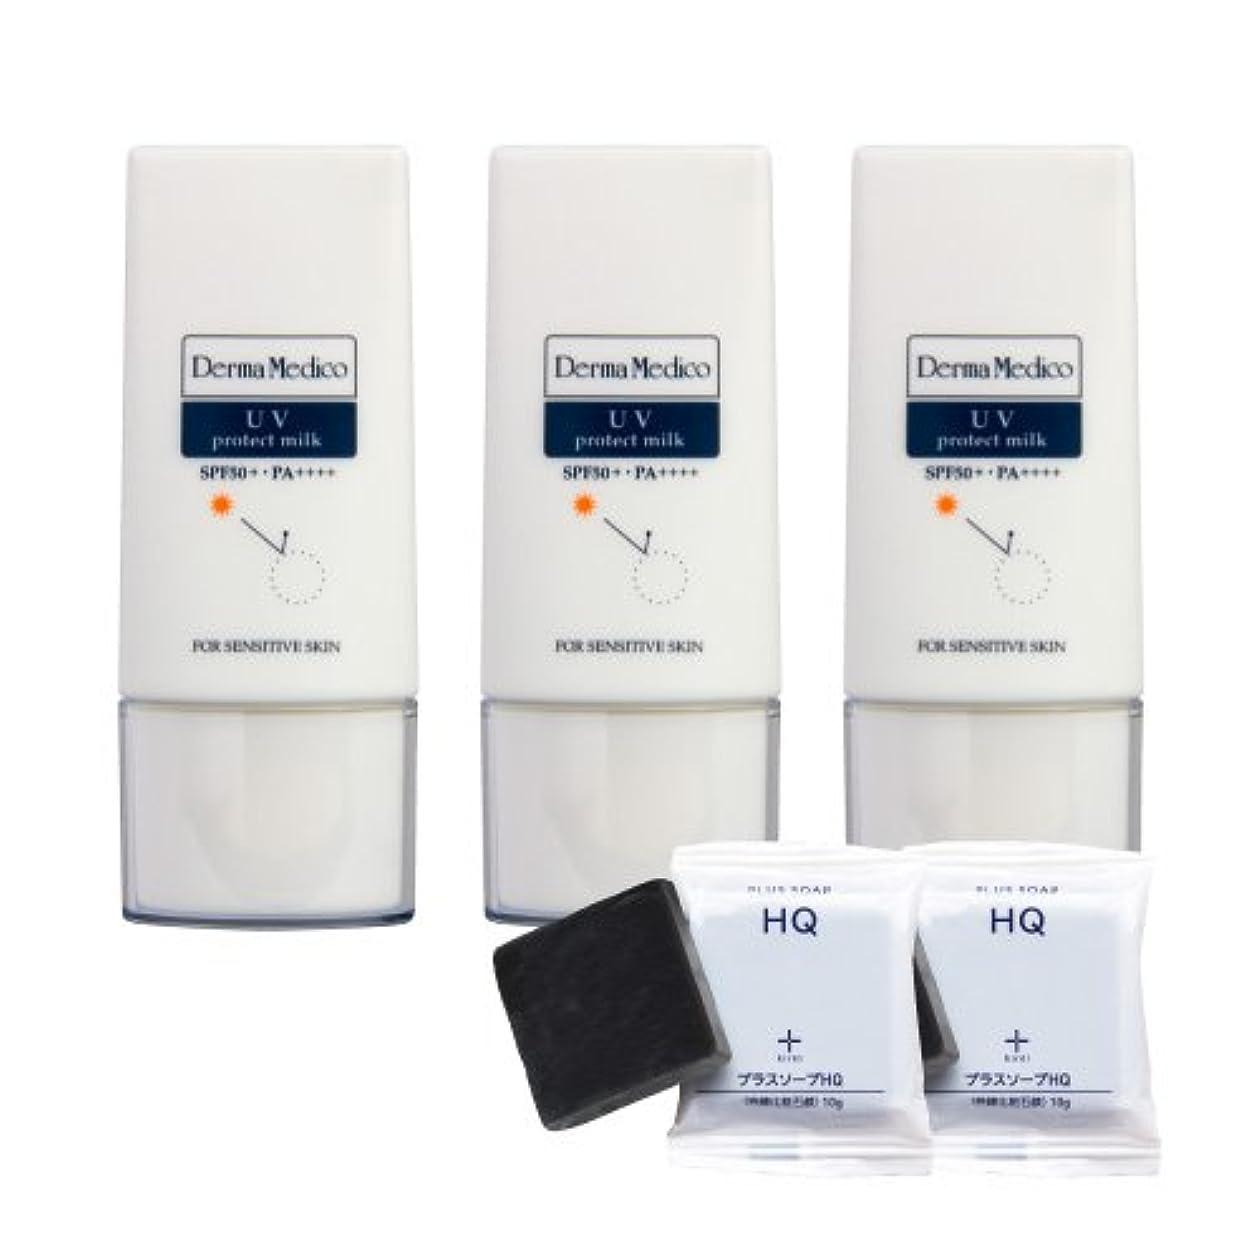 ドル債権者ゆでるダーマメディコ UVプロテクトミルク SPF50+ PA++++ (3個+ミニソープ2個セット)